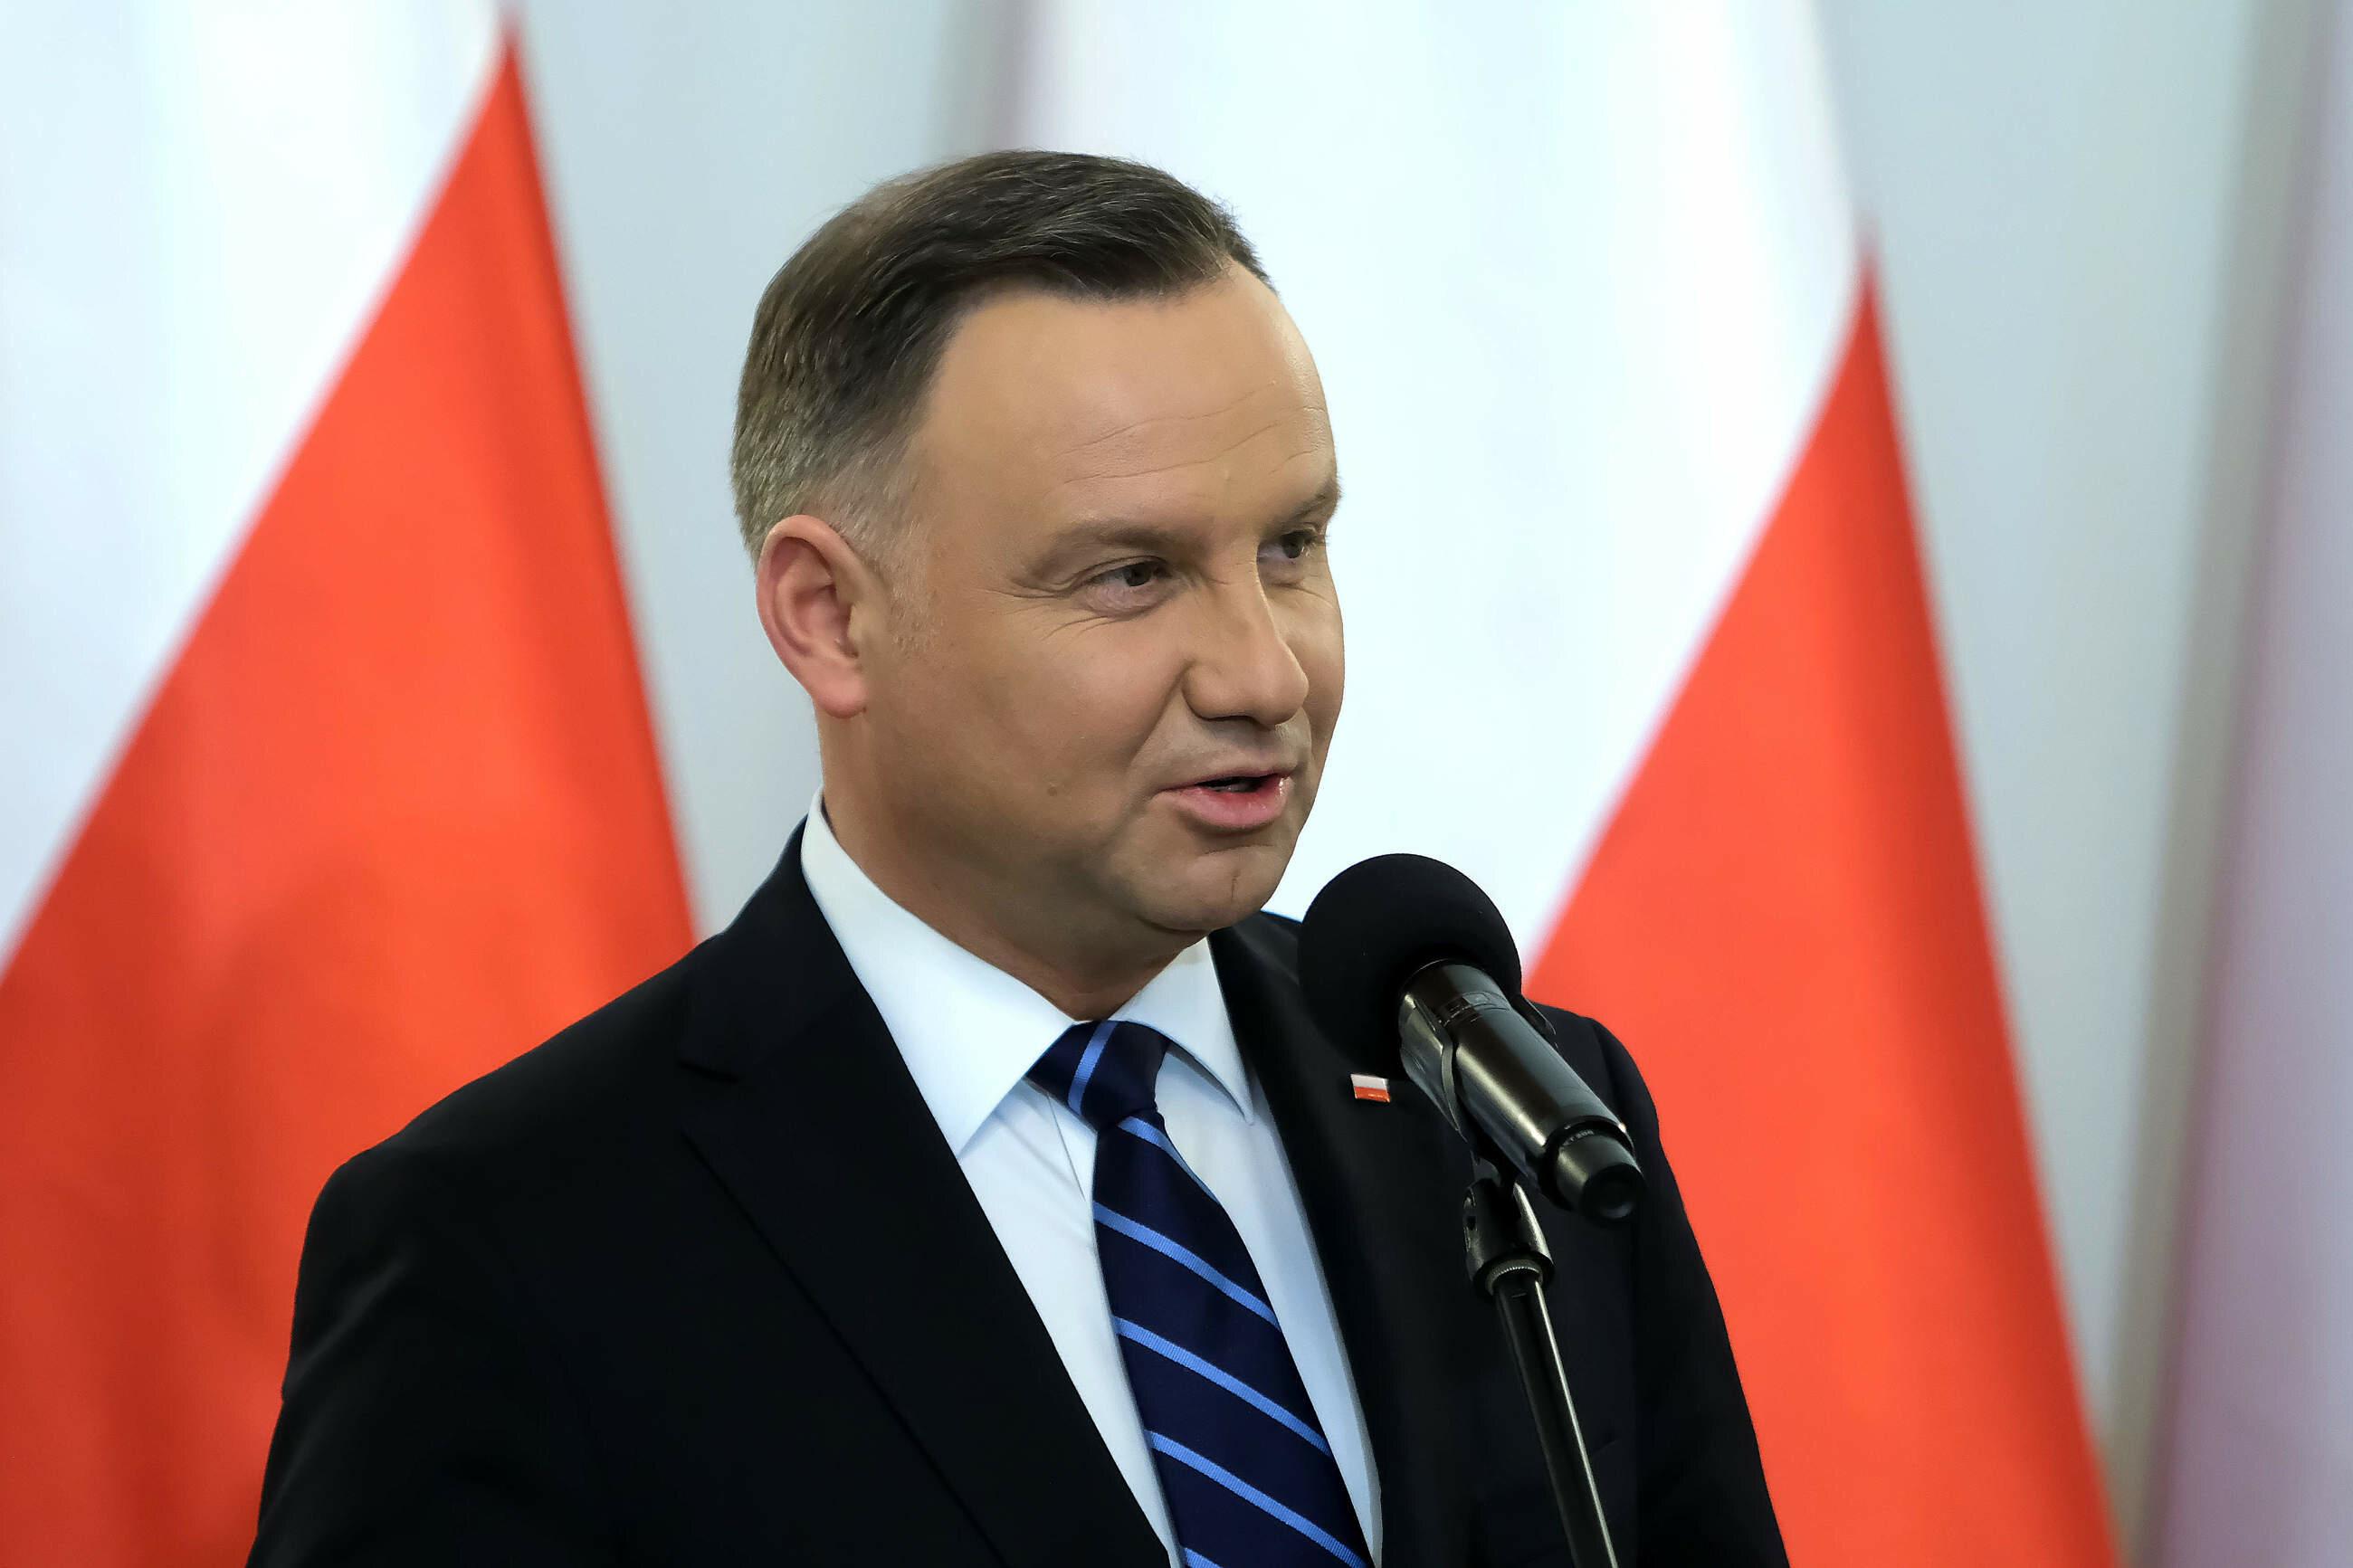 Koronawirus. Andrzej Duda zaapelował o specjalne ...